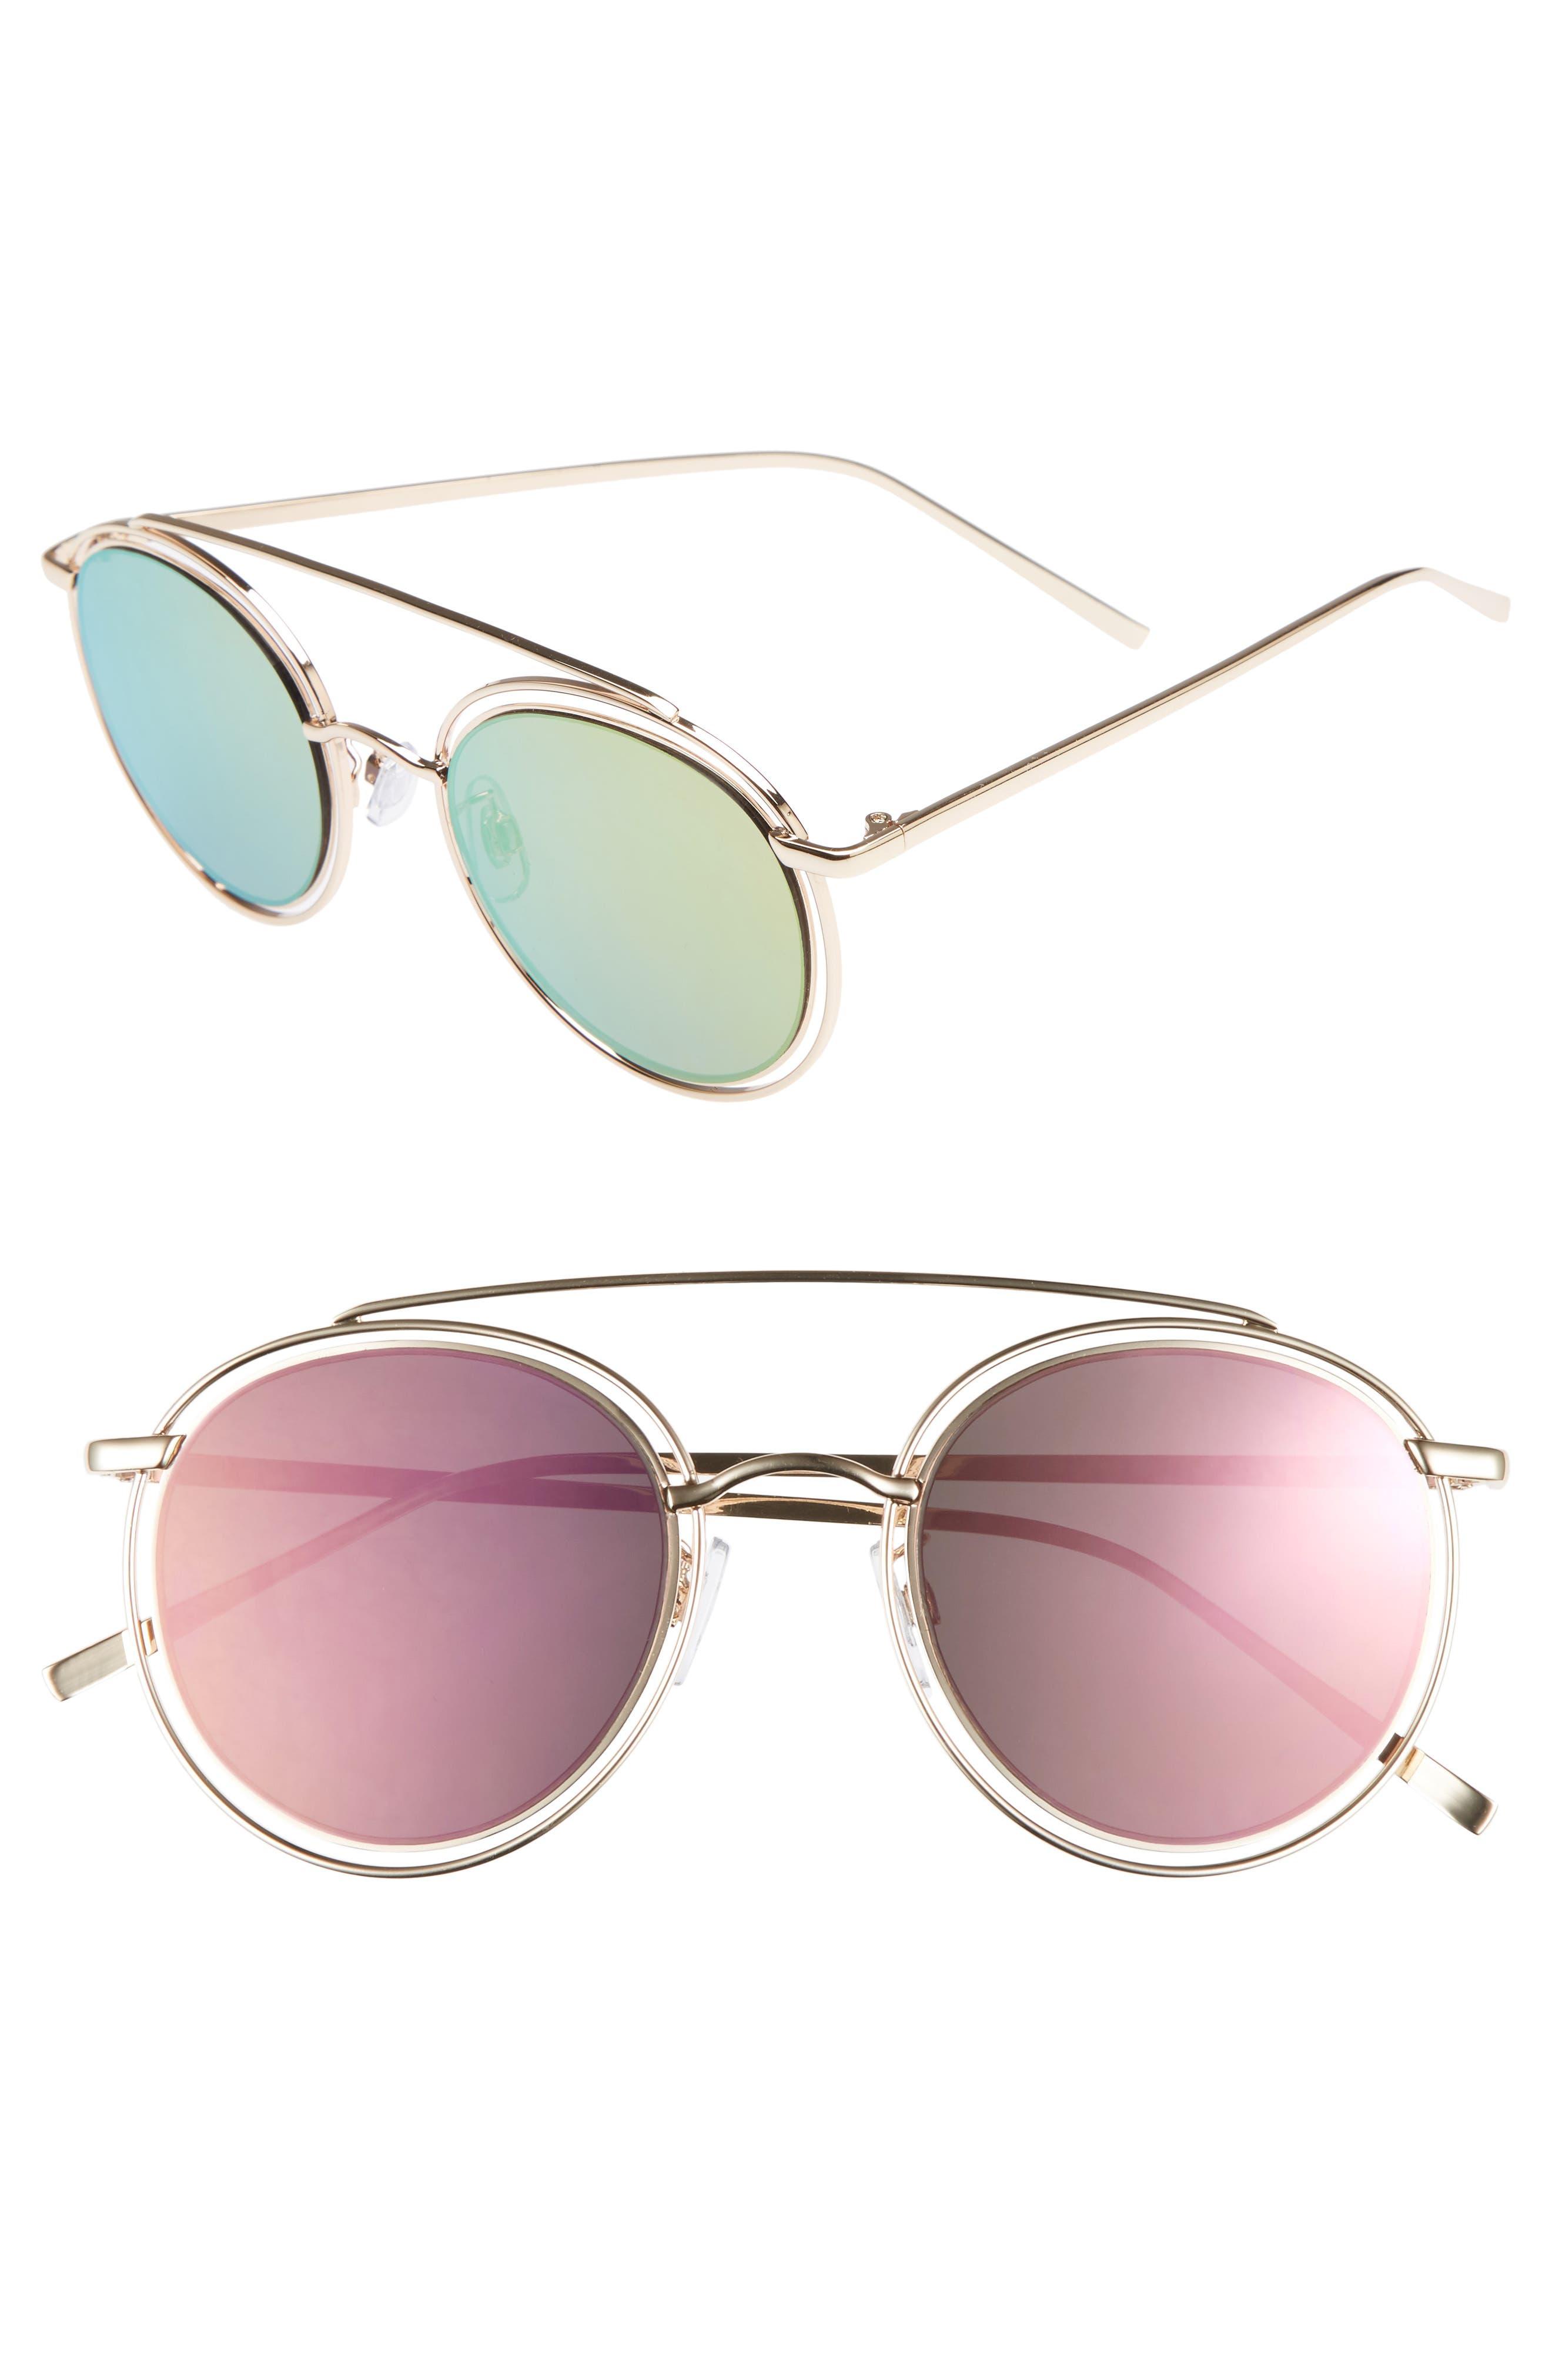 50mm Browbar Sunglasses,                             Main thumbnail 1, color,                             Gold/ Pink